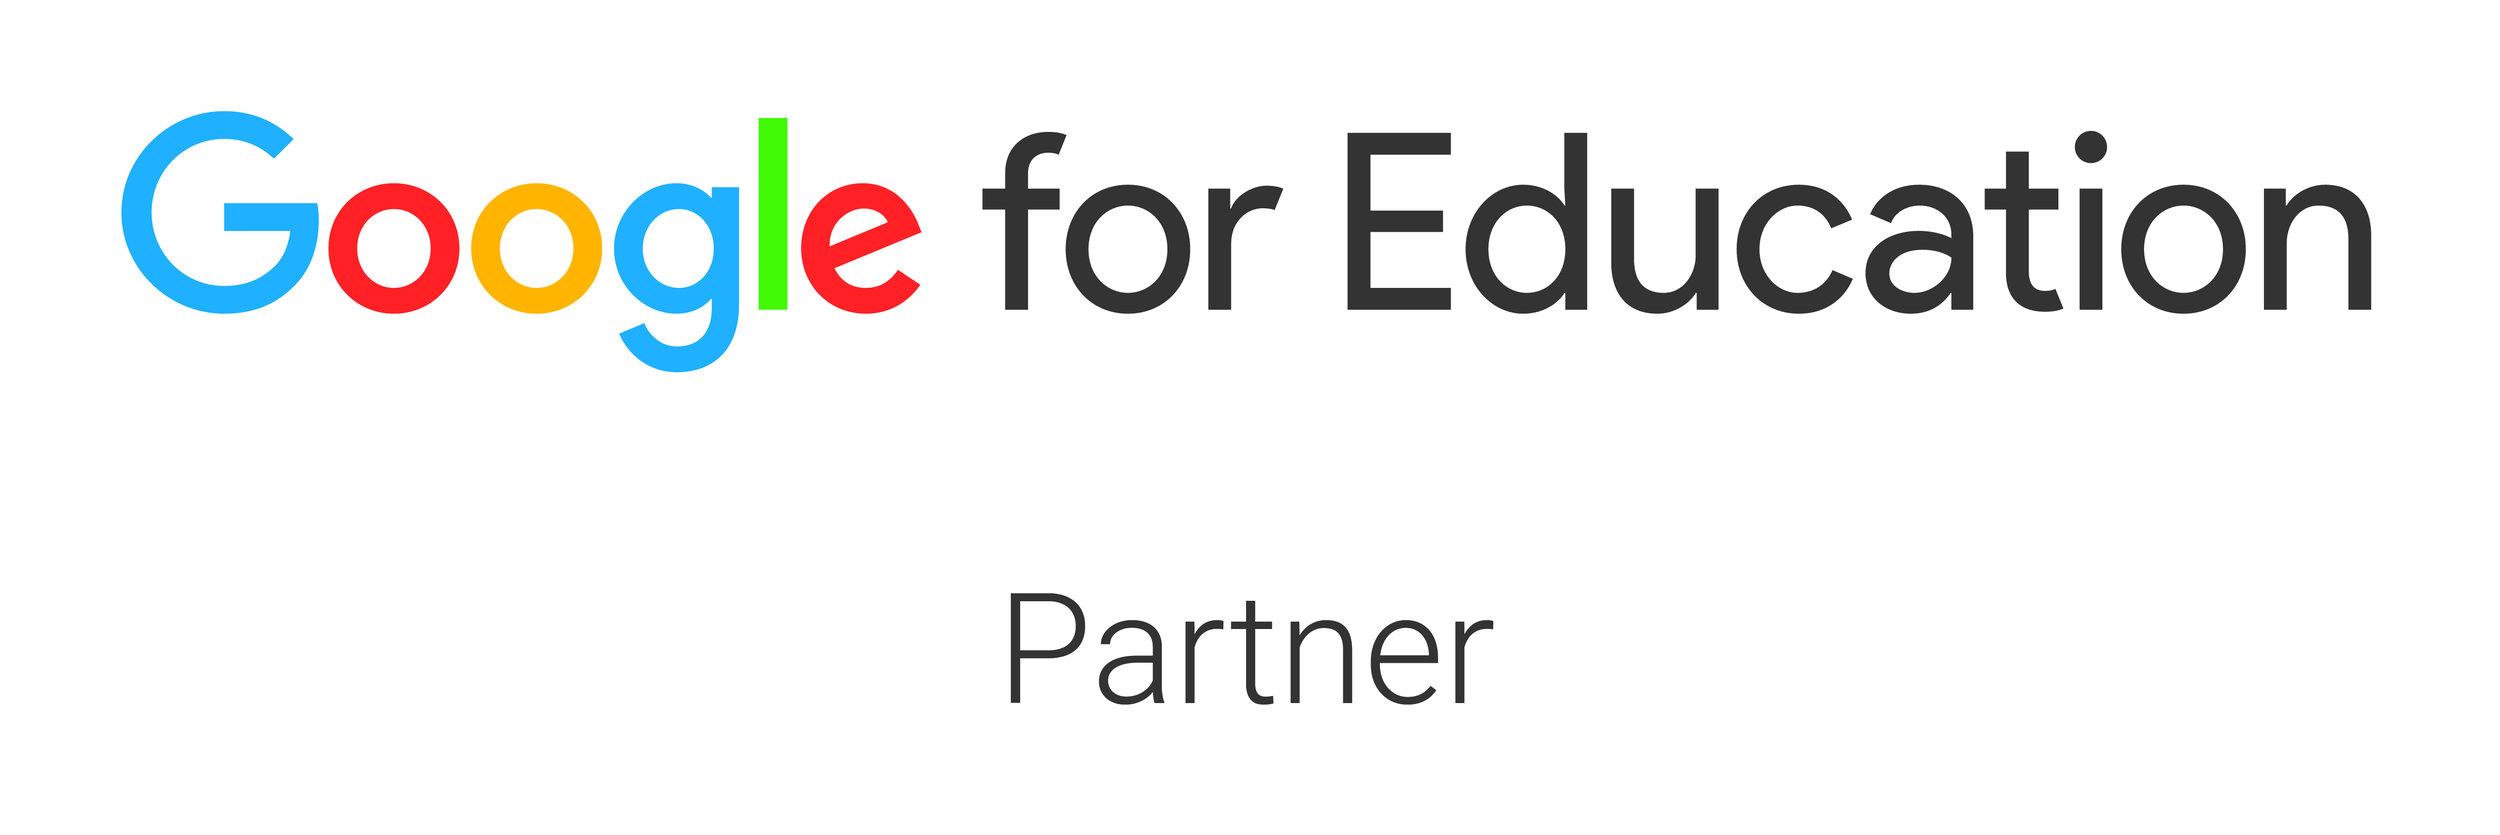 Google for Education Partner (JPG).jpg